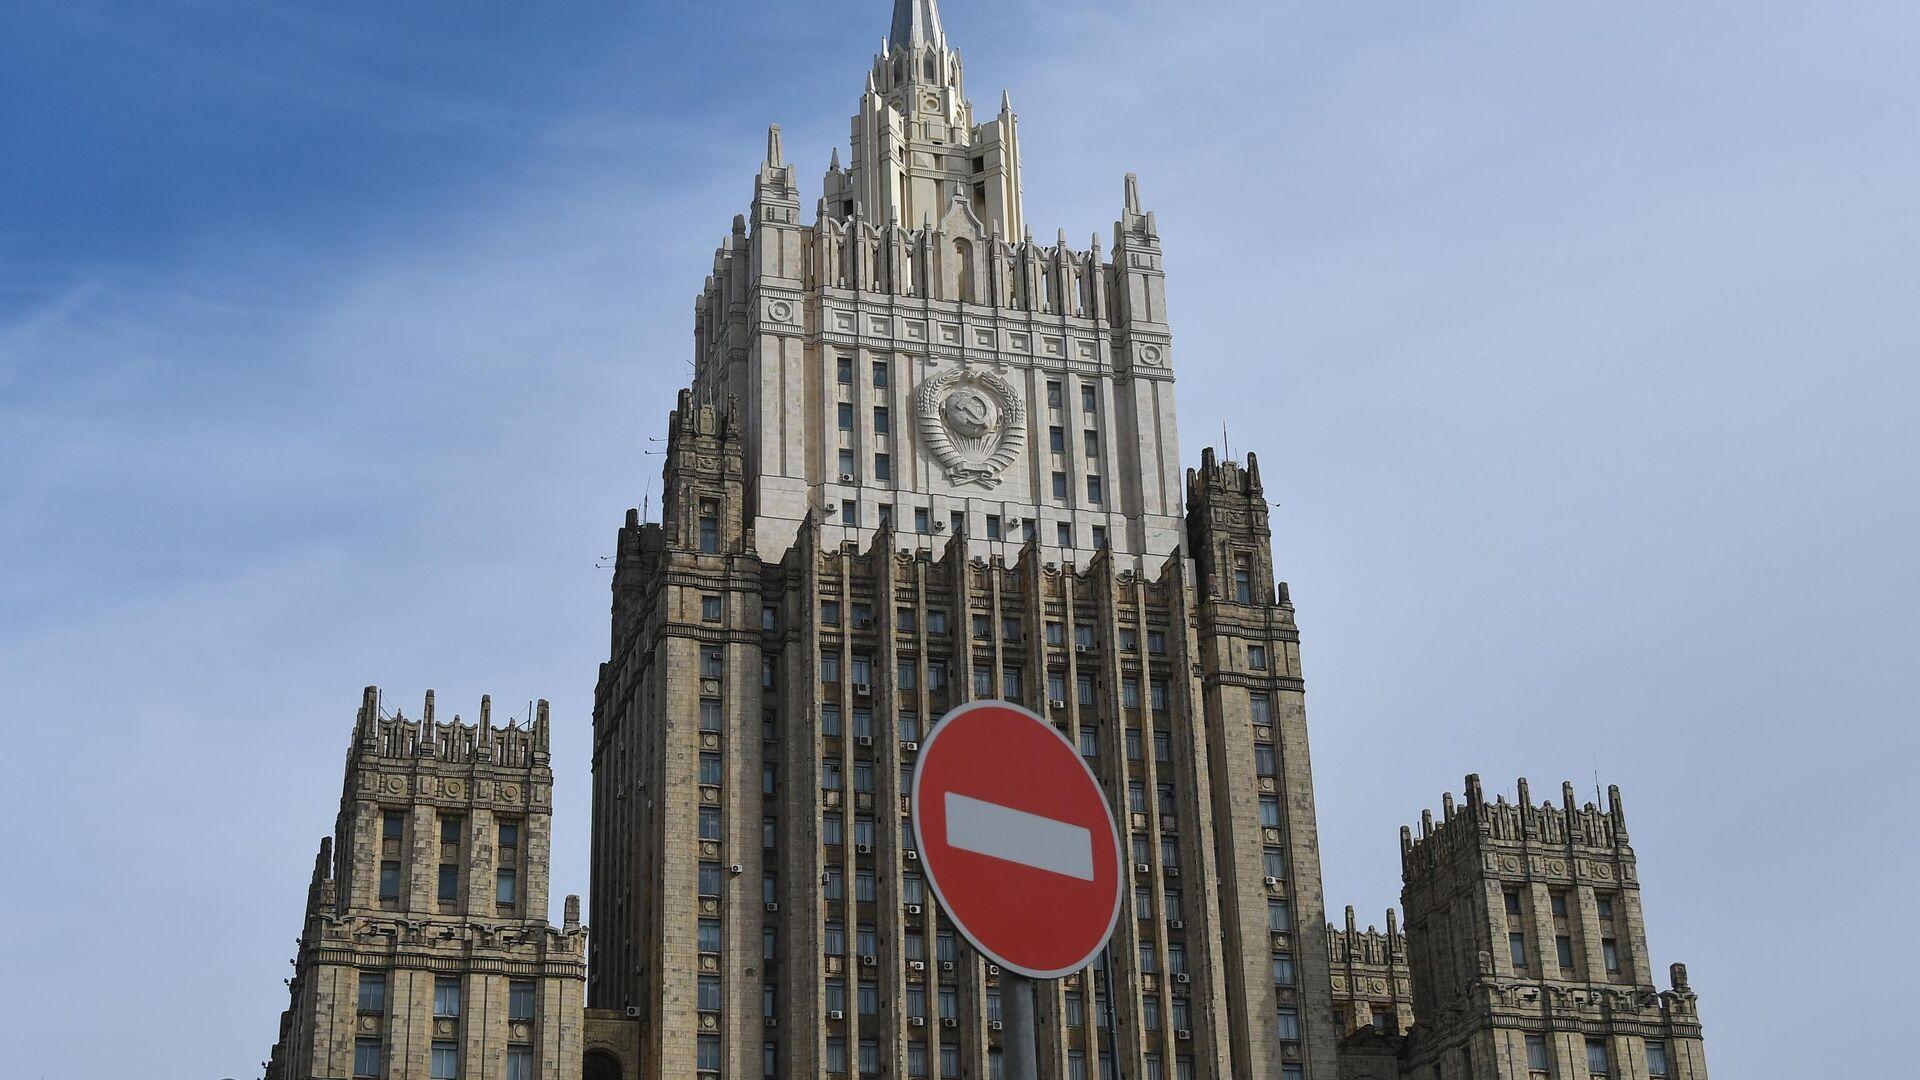 Здание Министерства иностранных дел РФ  - РИА Новости, 1920, 11.02.2021